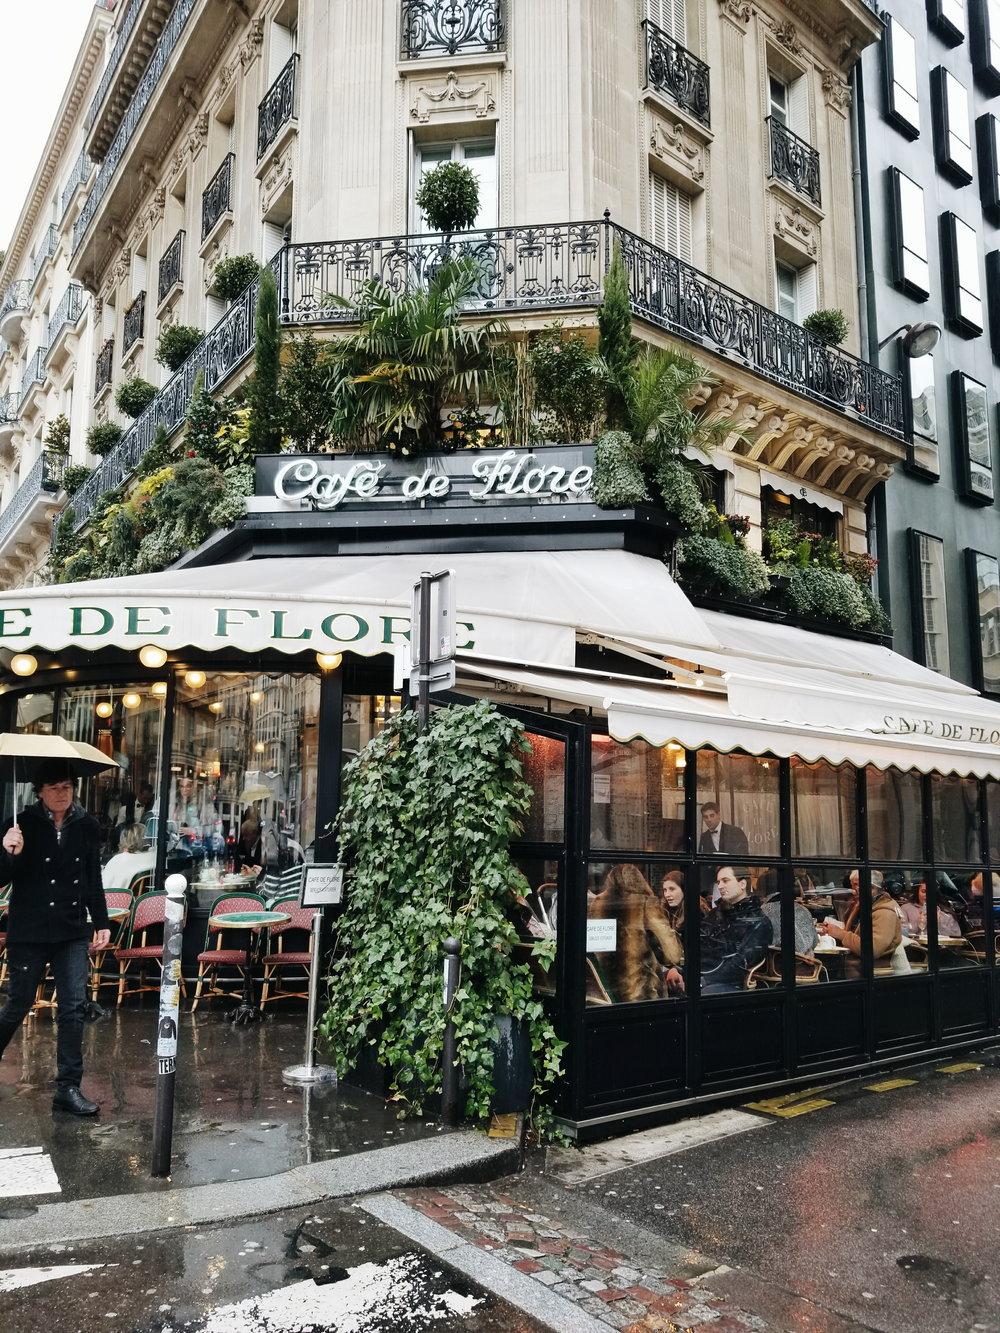 postcards-from-paris-cafe-de-flore-02.jpg